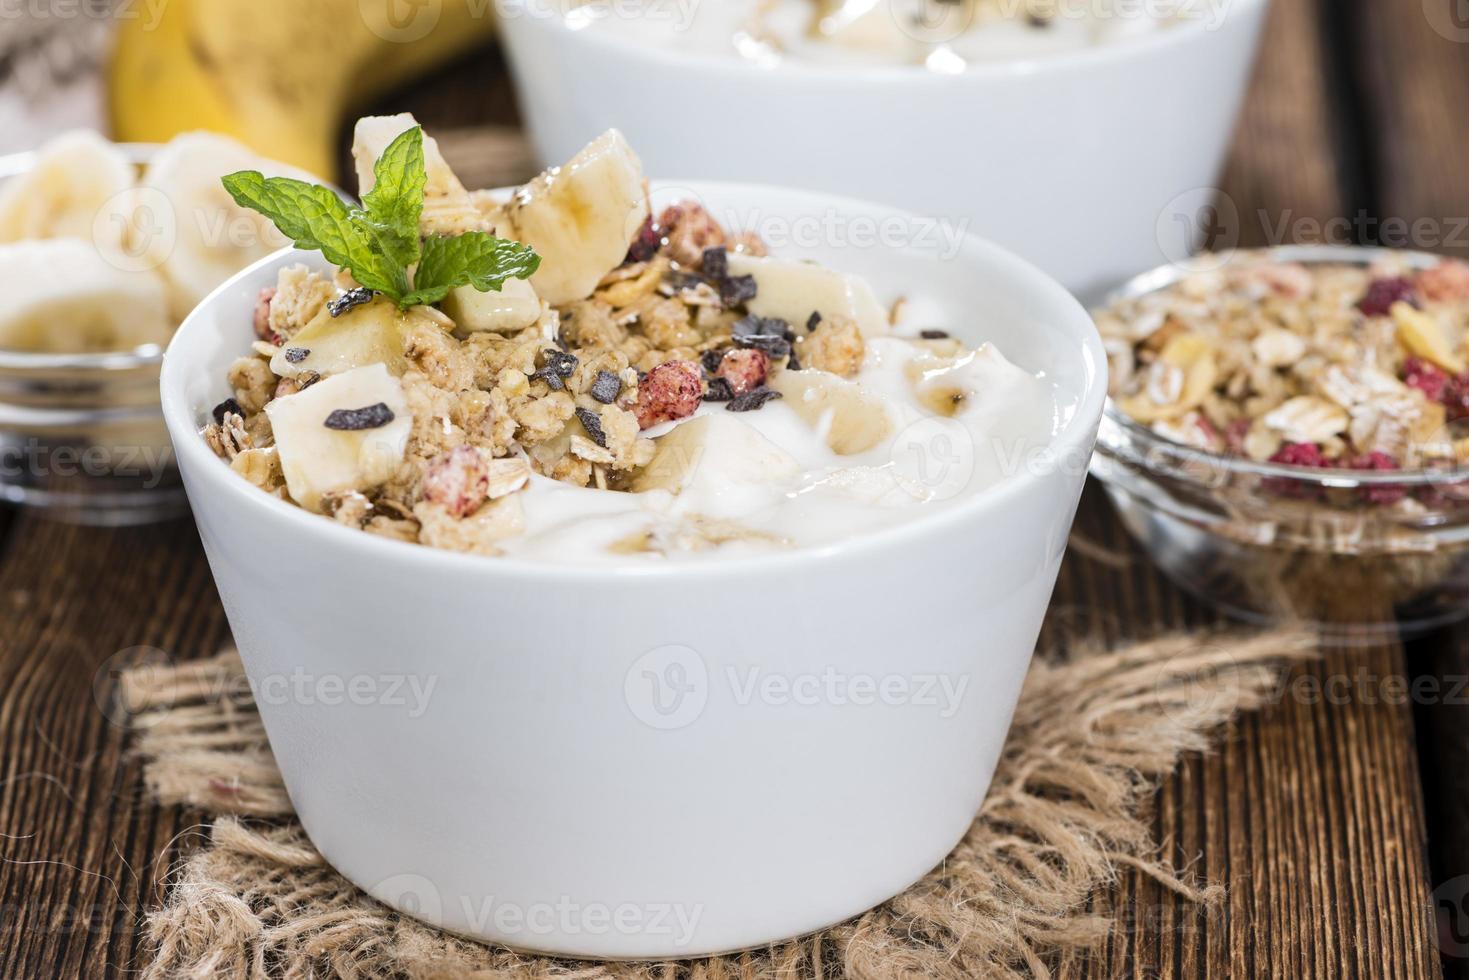 Banana Yogurt photo